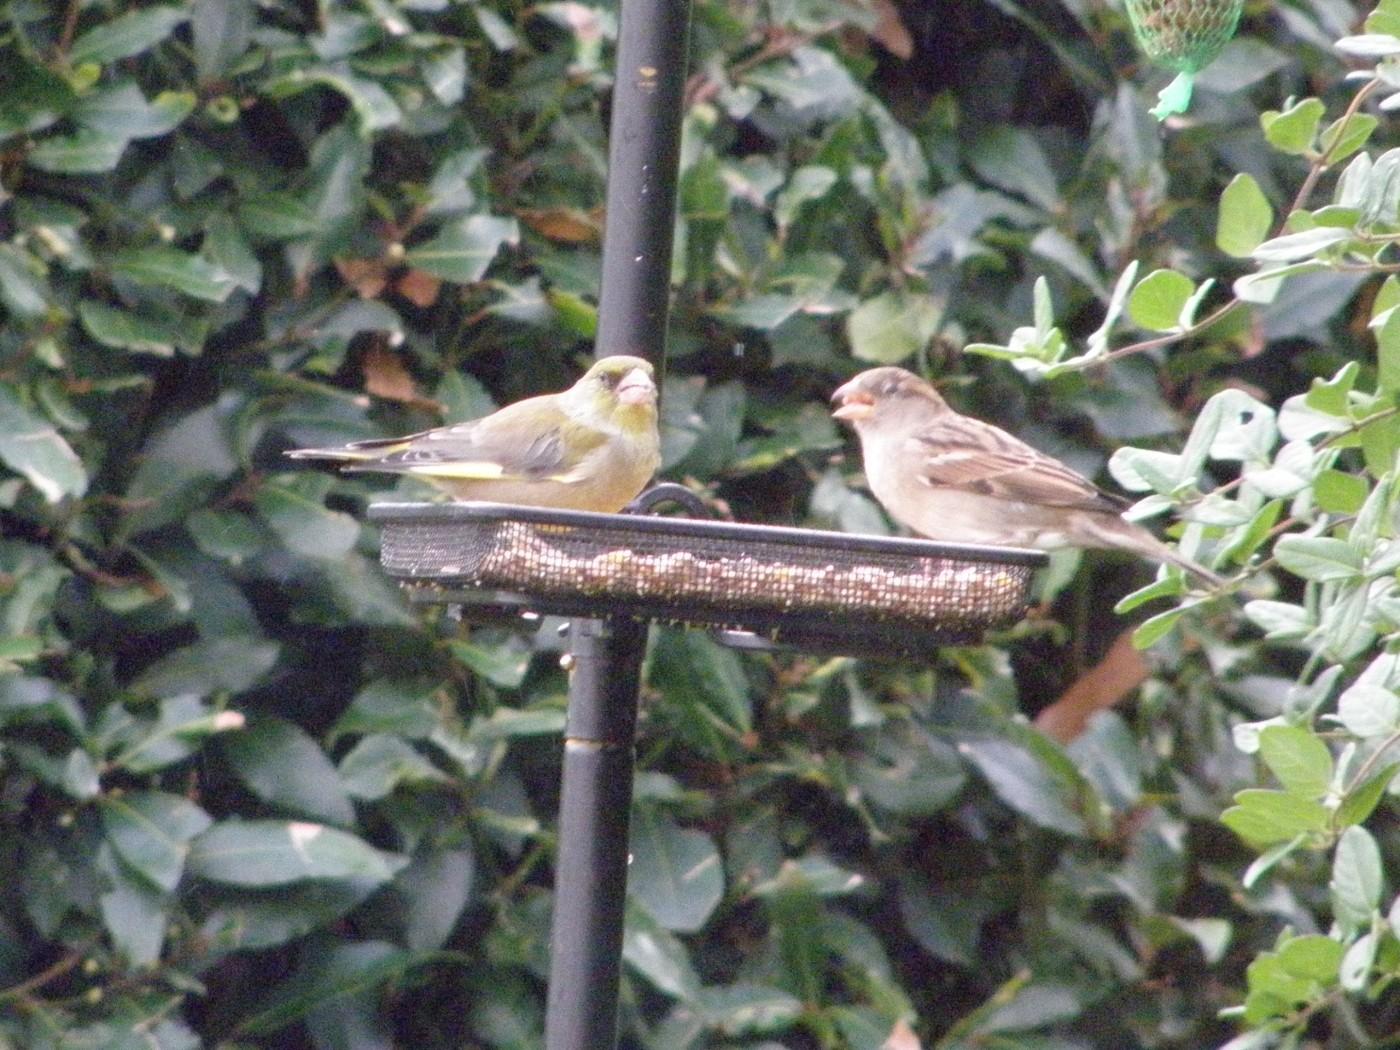 Avis sur m lange gourmet graines pour oiseaux du ciel - Distributeur de graines pour oiseaux ...